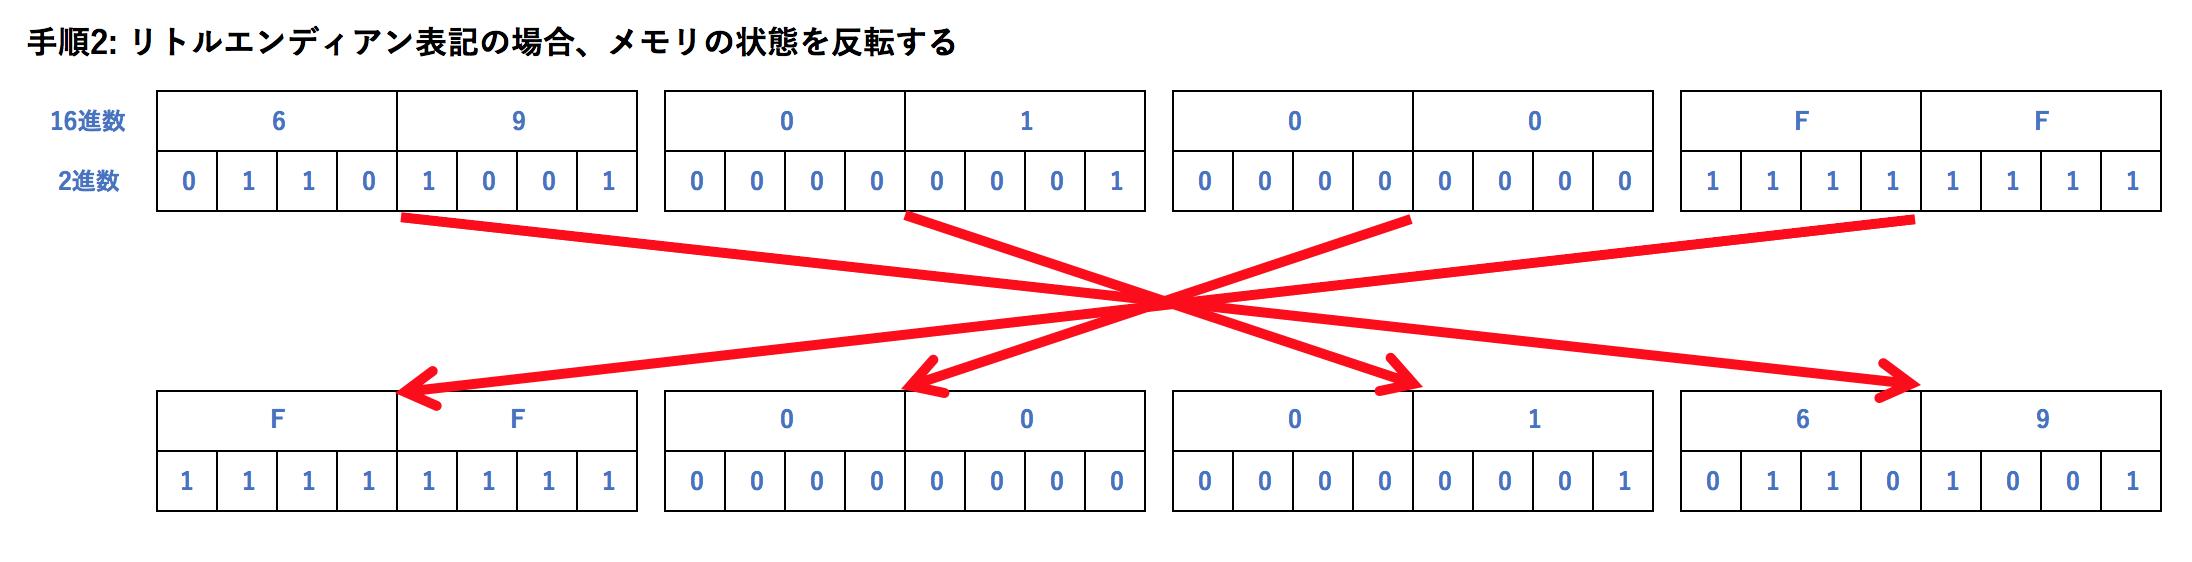 手順2_リトルエンディアン表記の場合、メモリの状態を反転する.png